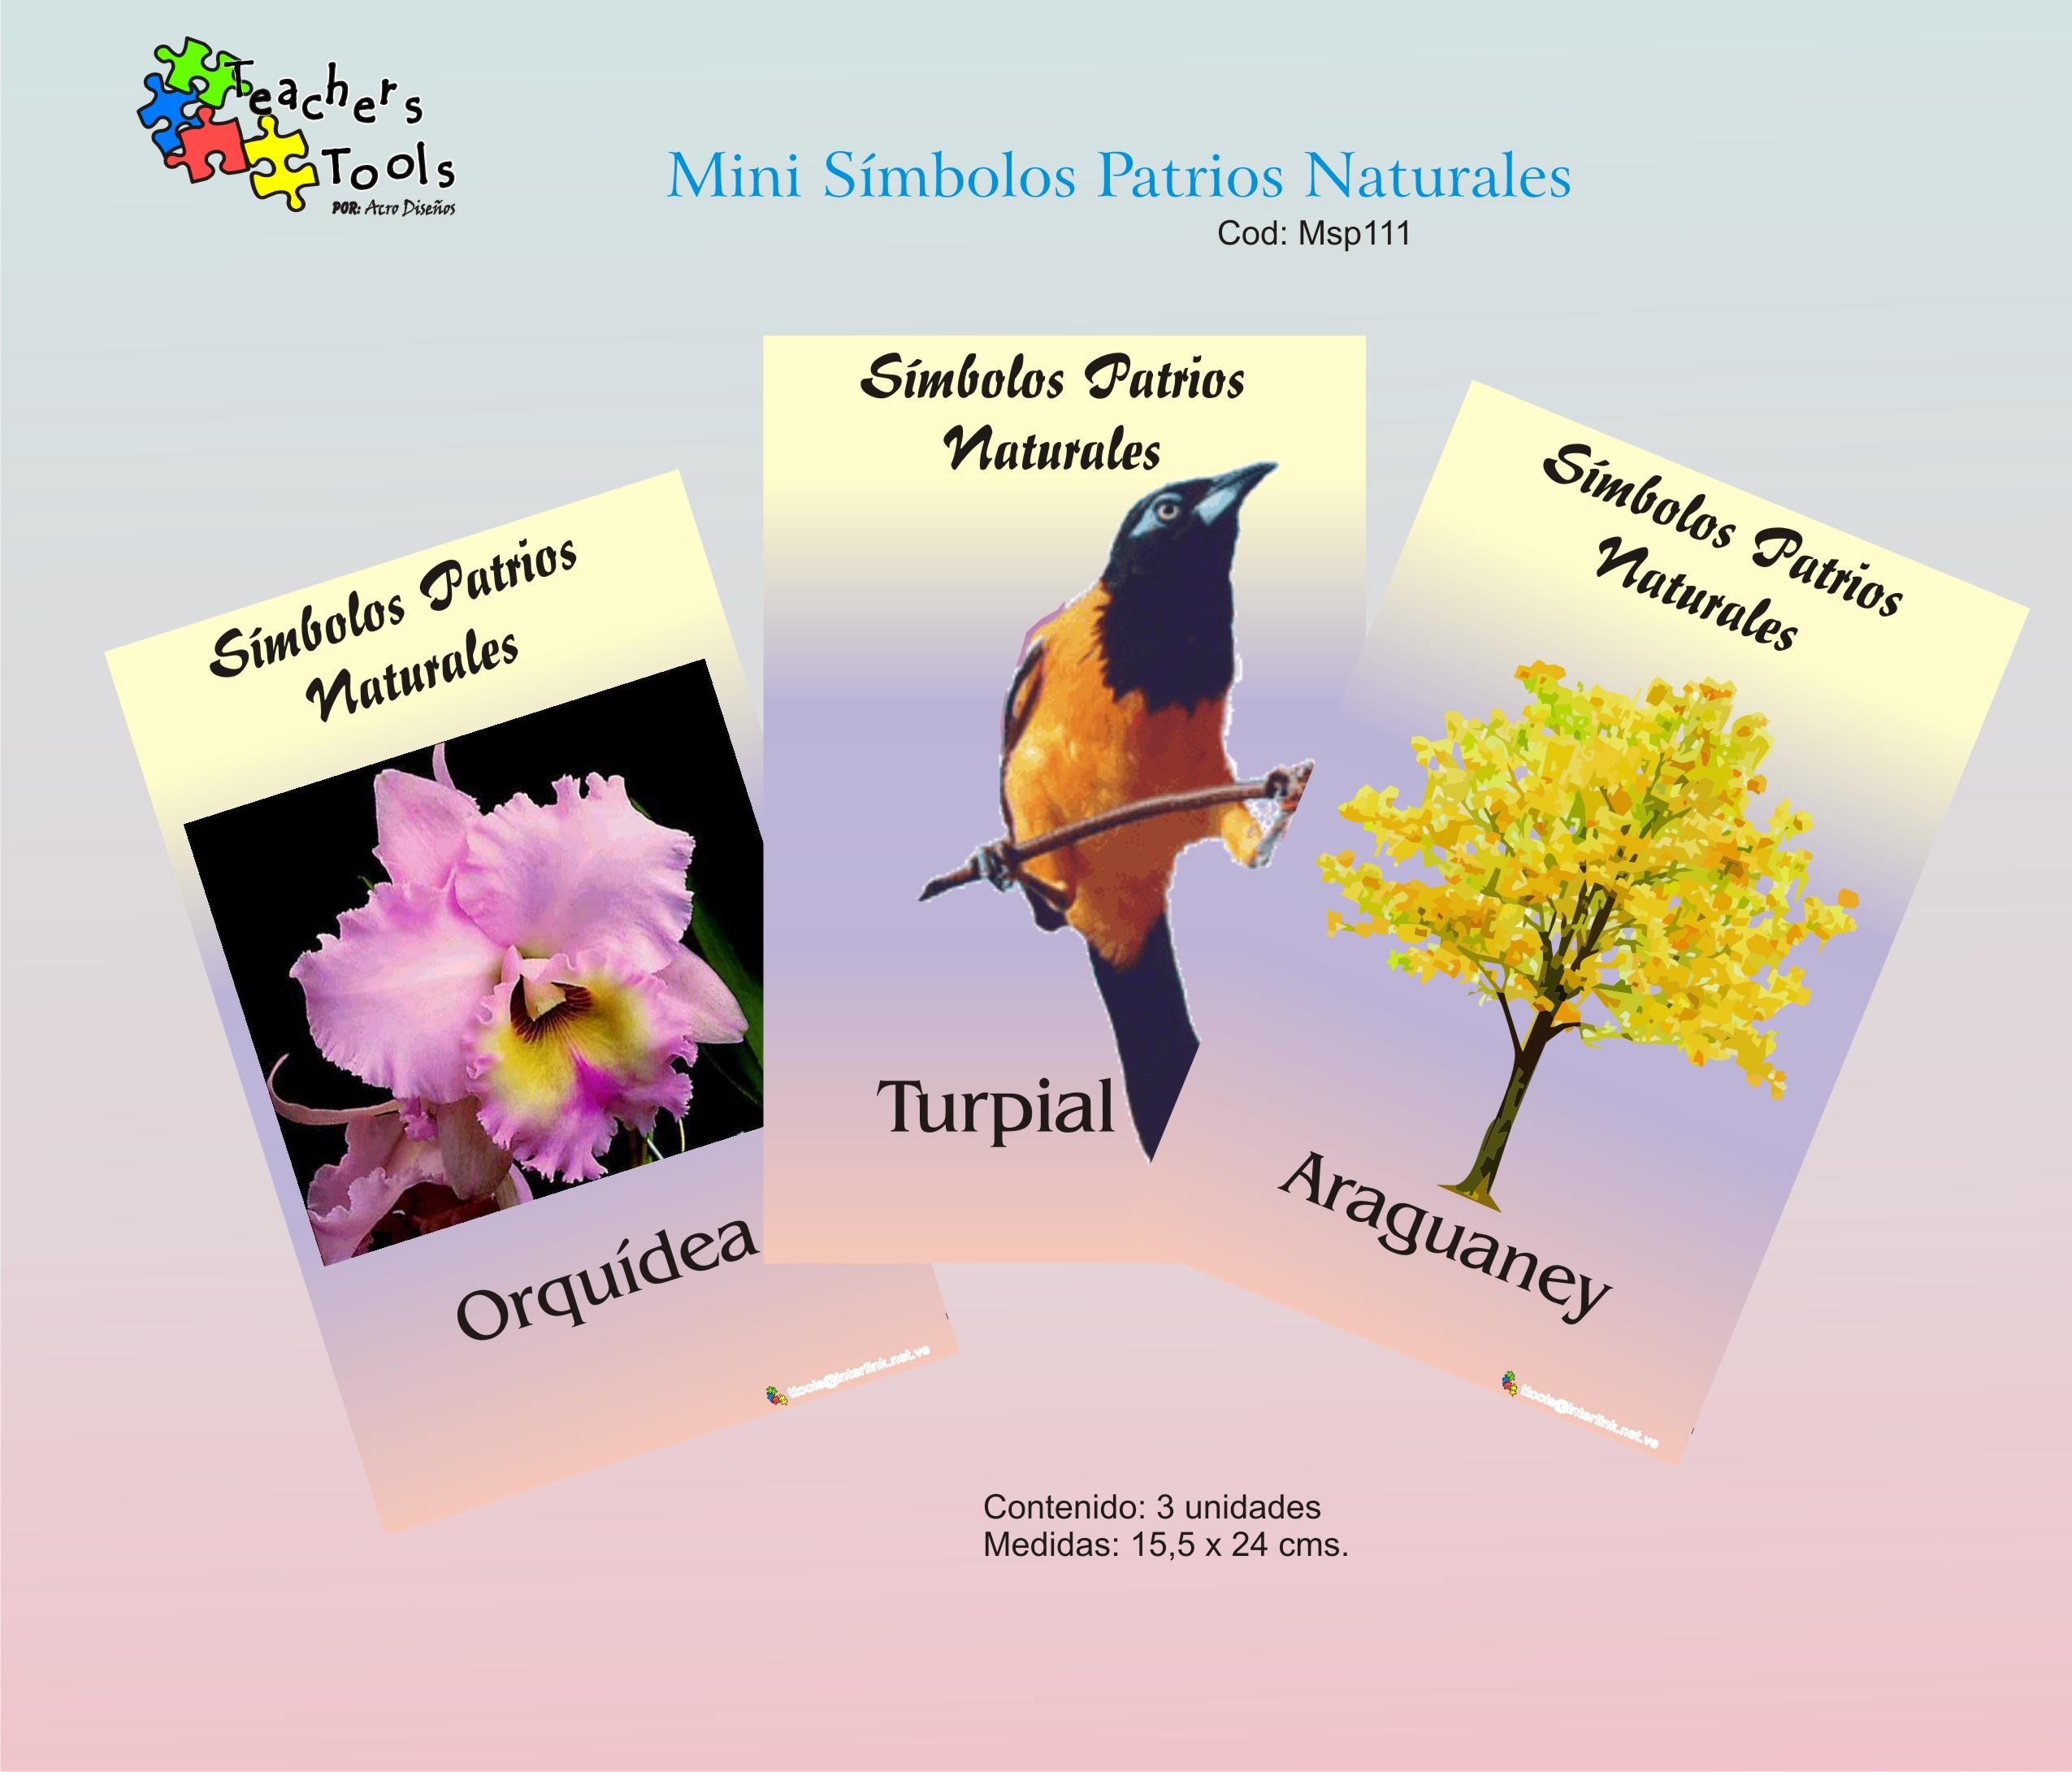 Imagen De Los Simbolos Naturales De Venezuela | simbolos naturales de venezuela imagui